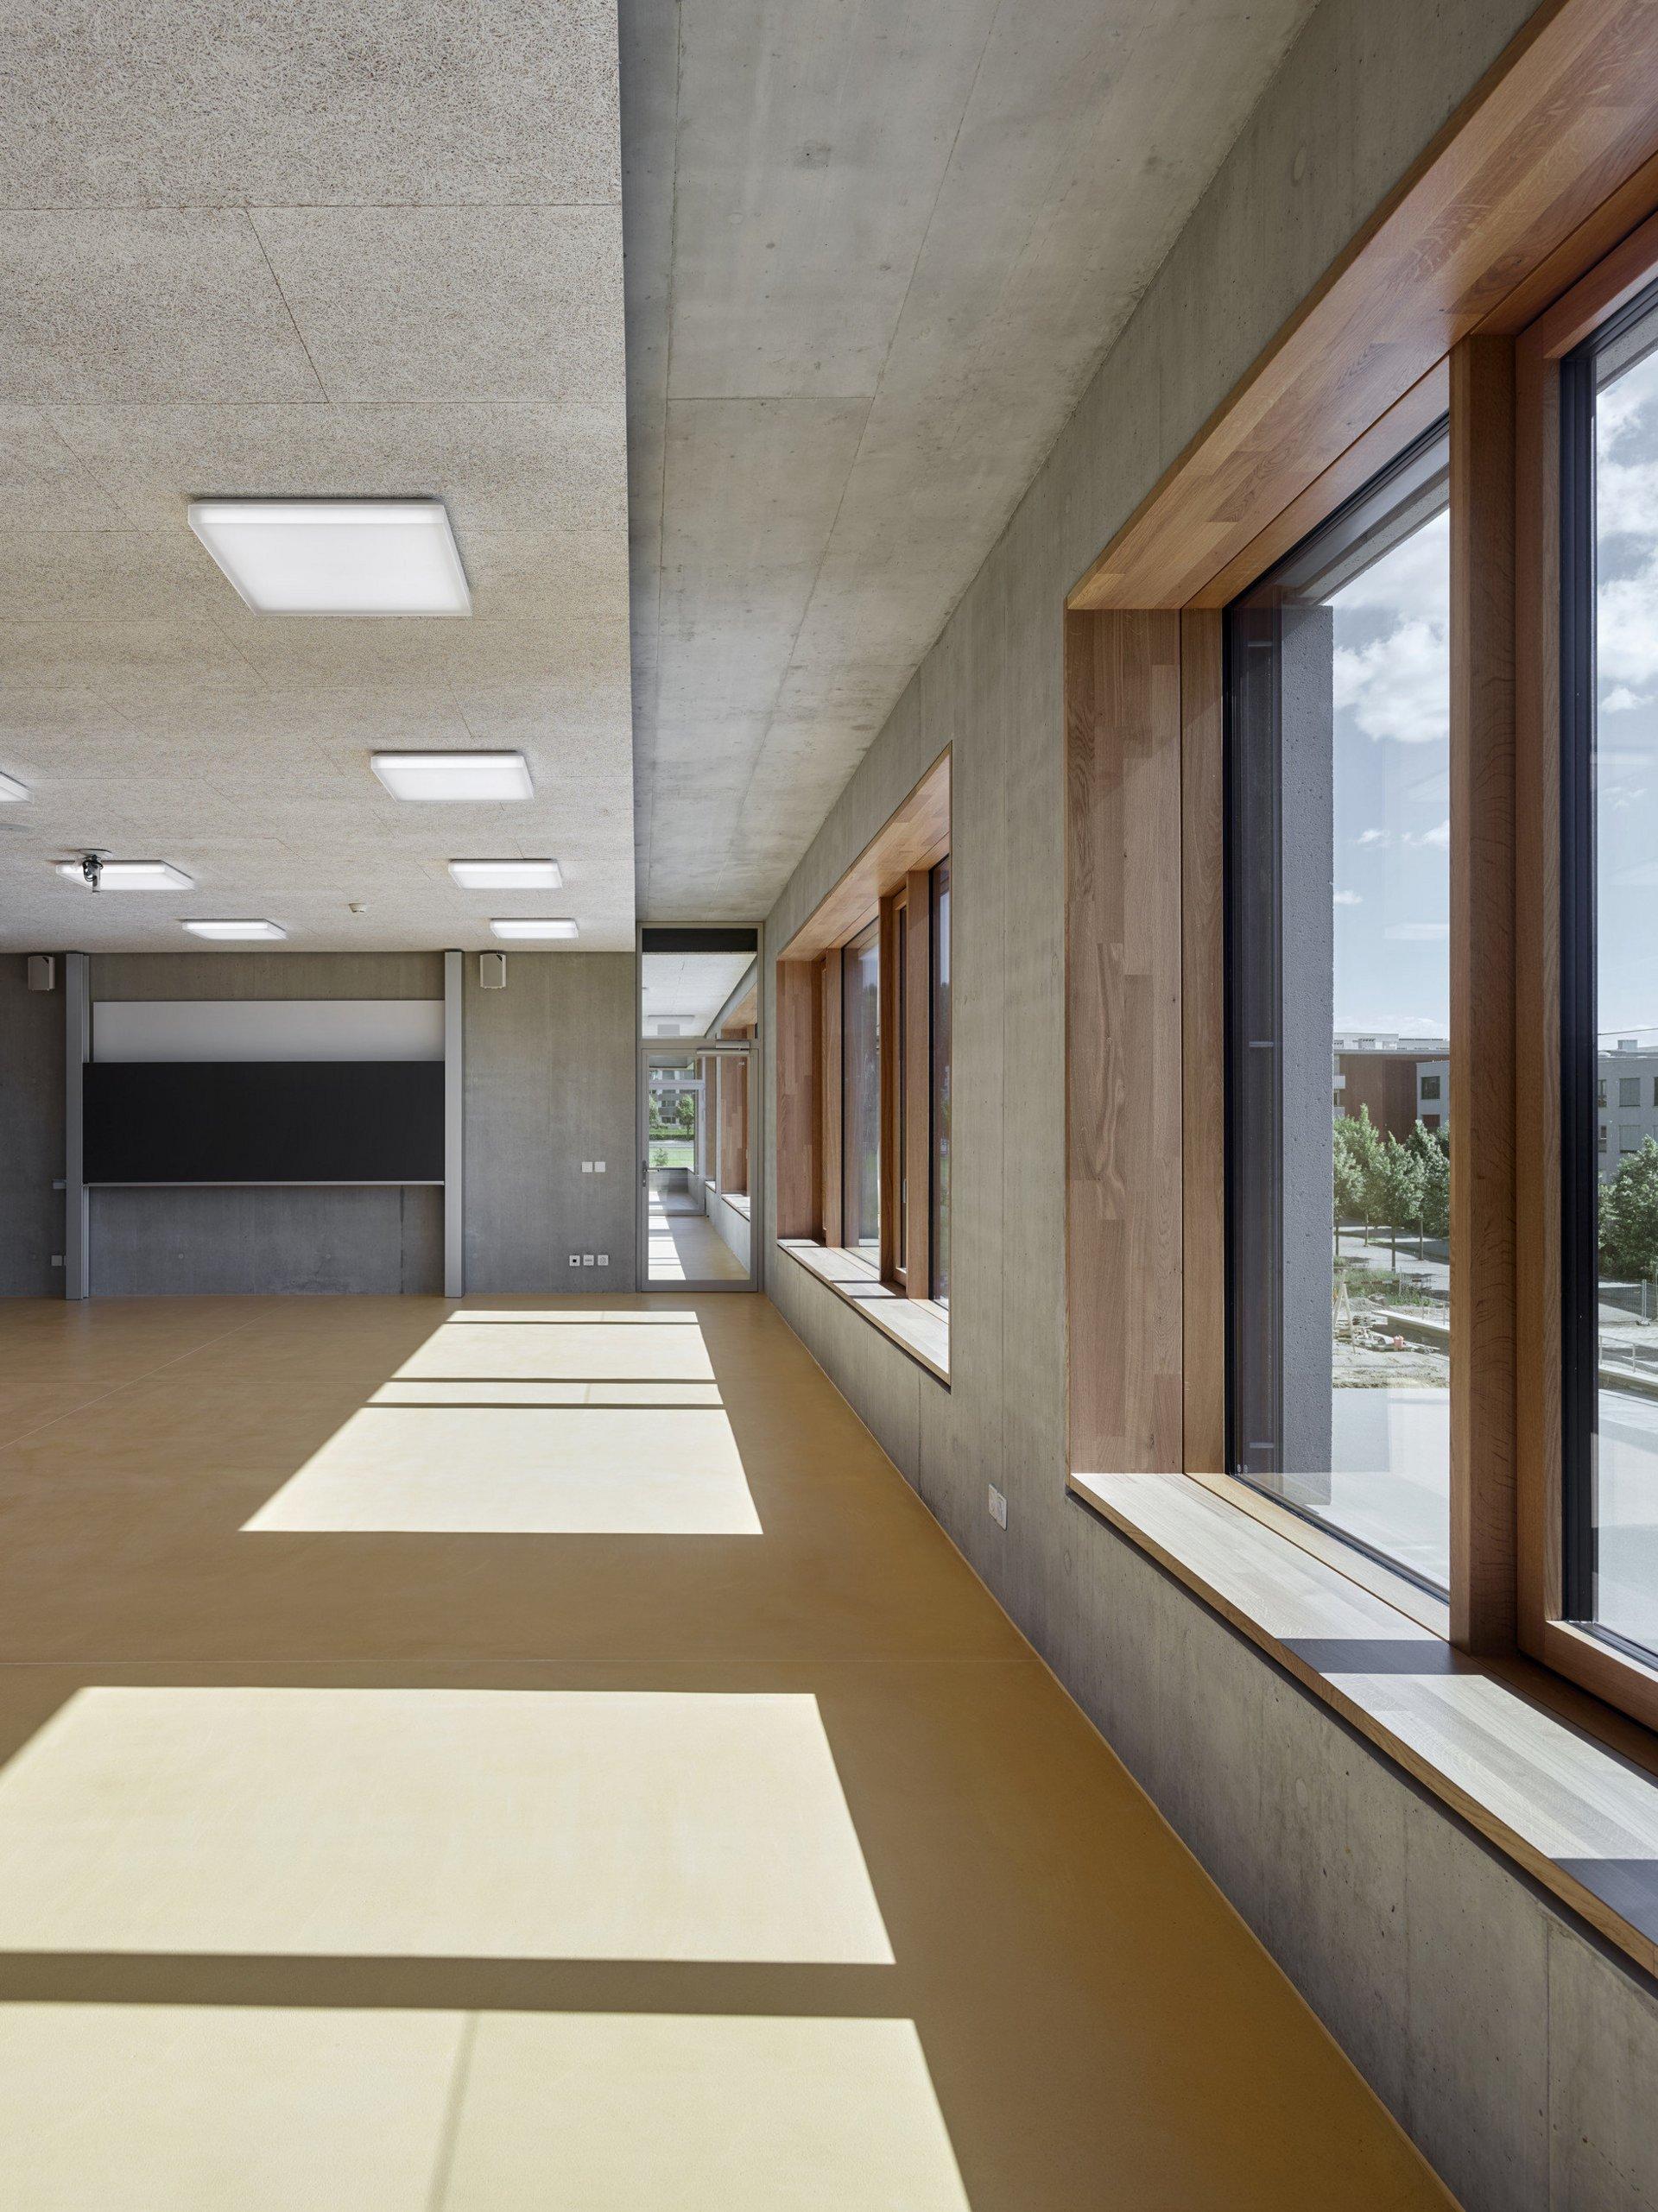 Fenêtre avec stores à lamelles et embrasure intérieure en chêne